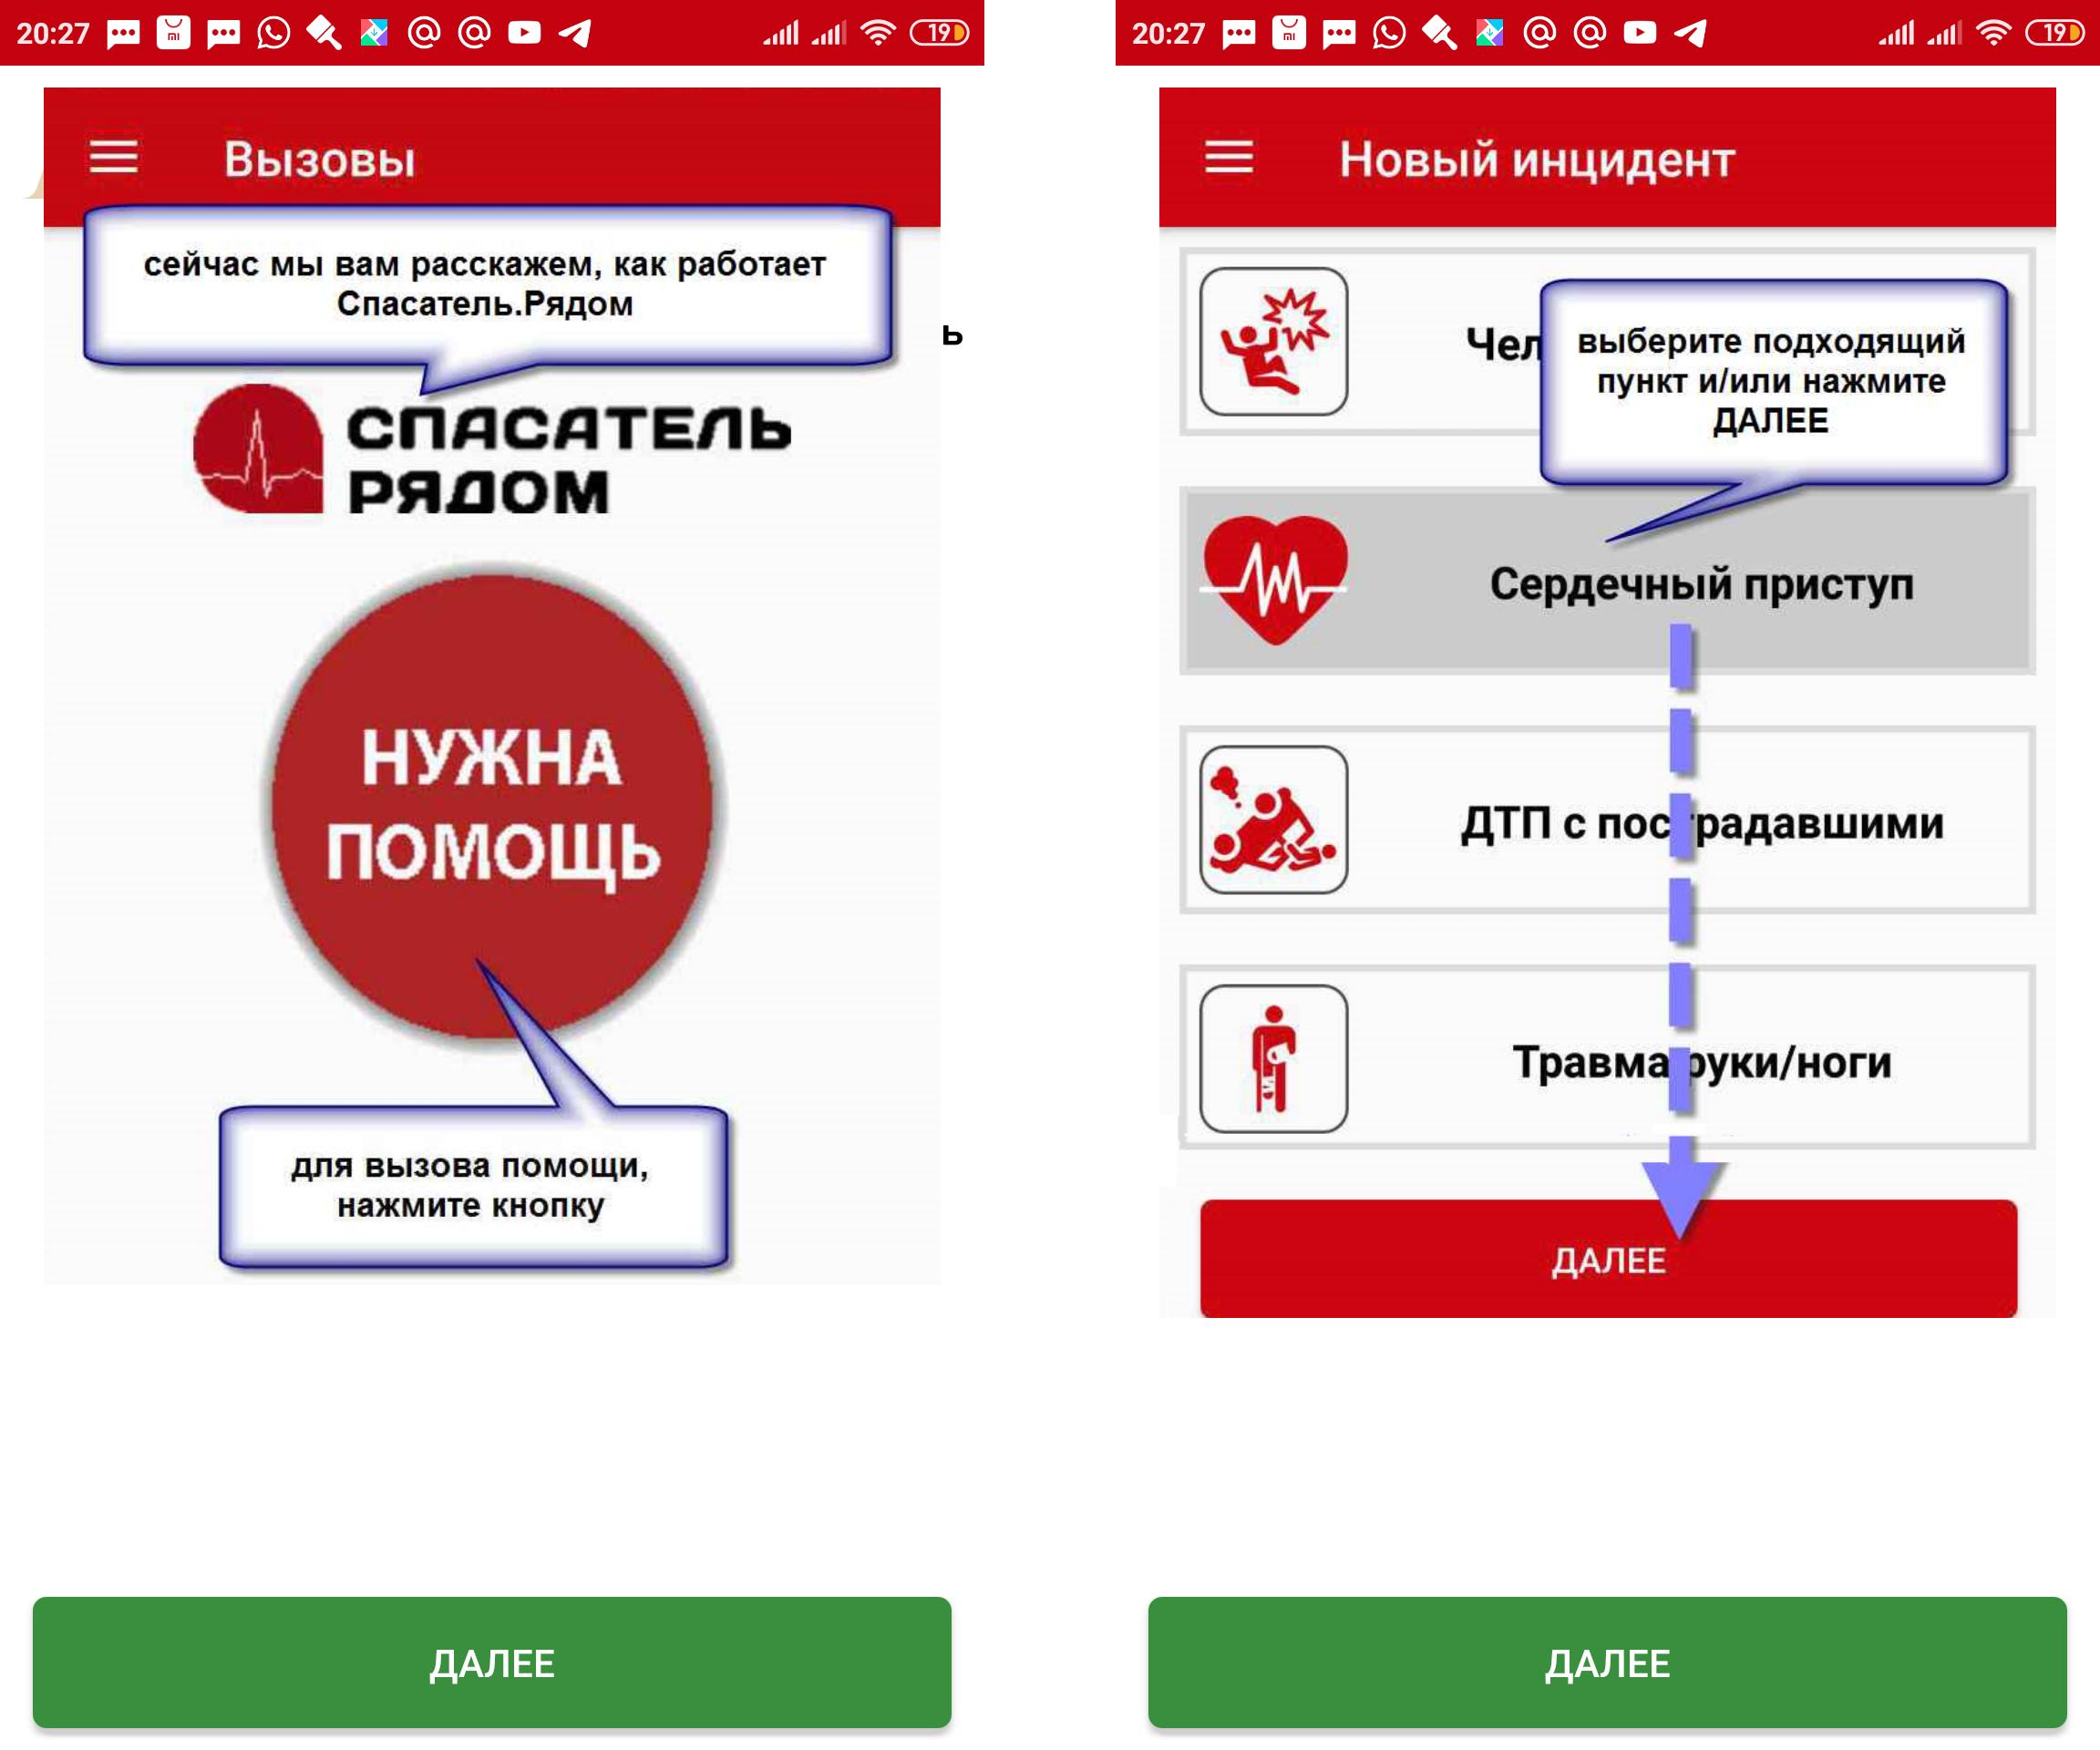 Спасателей-добровольцев в Петербурге теперь можно вызвать через приложение (Иллюстрация 1 из 1) (Фото: Фото